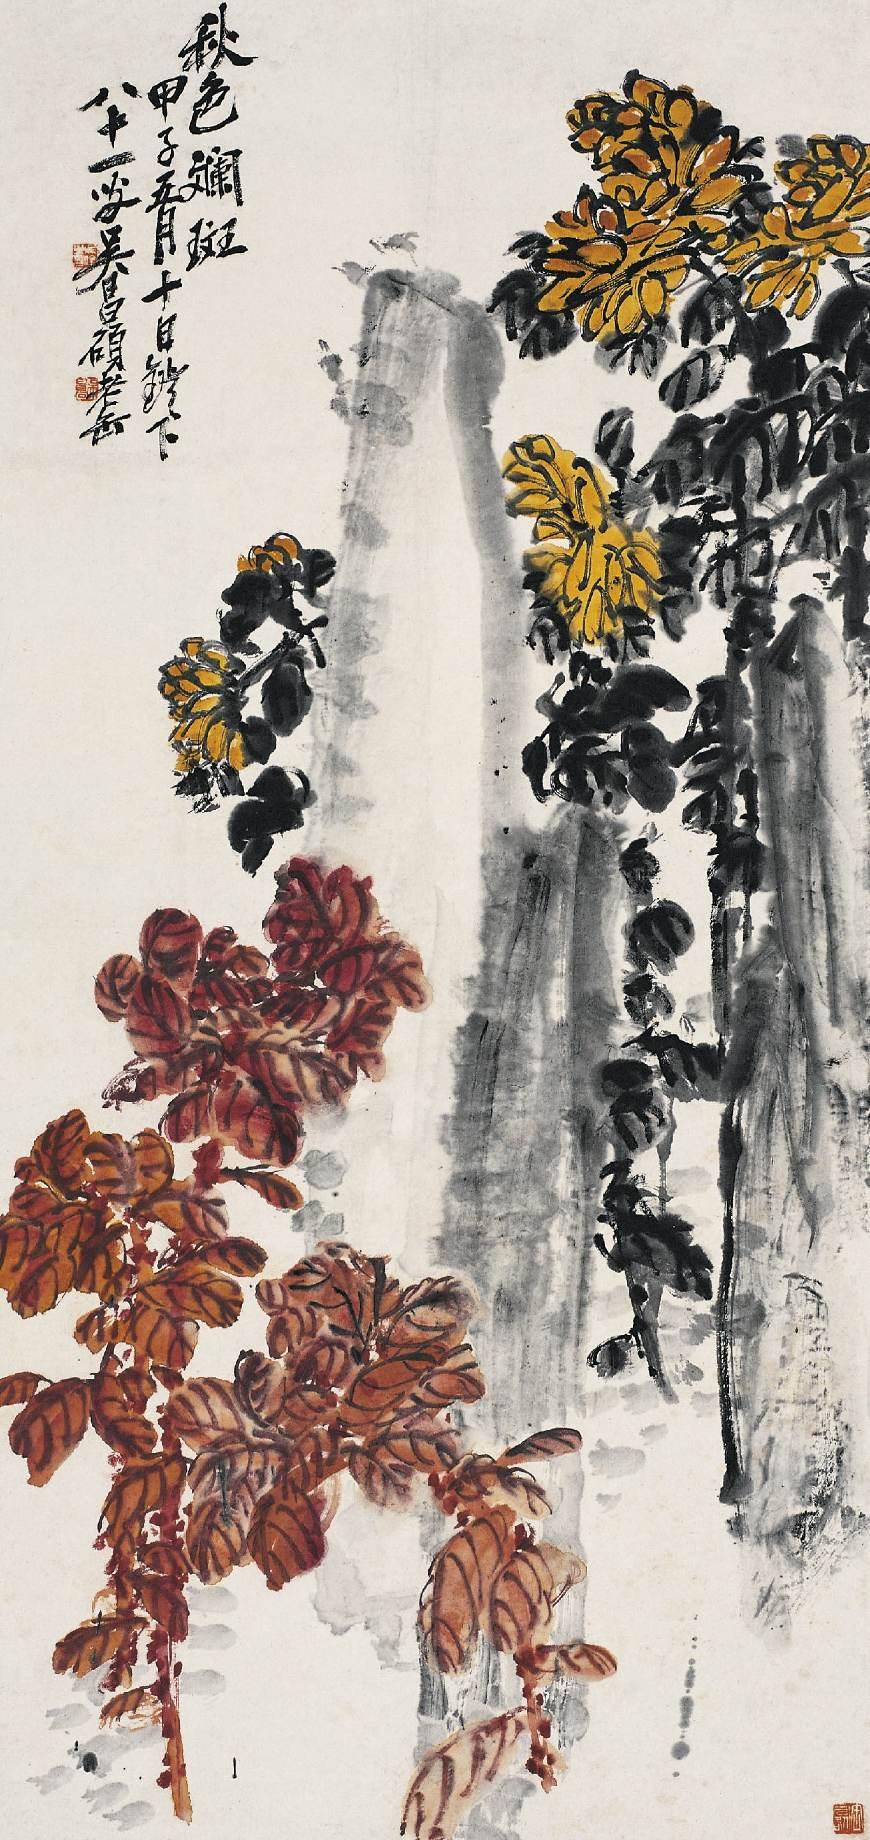 齐白石书画院-汤发周谈:吴昌硕、齐白石、张大千书画之差异分析